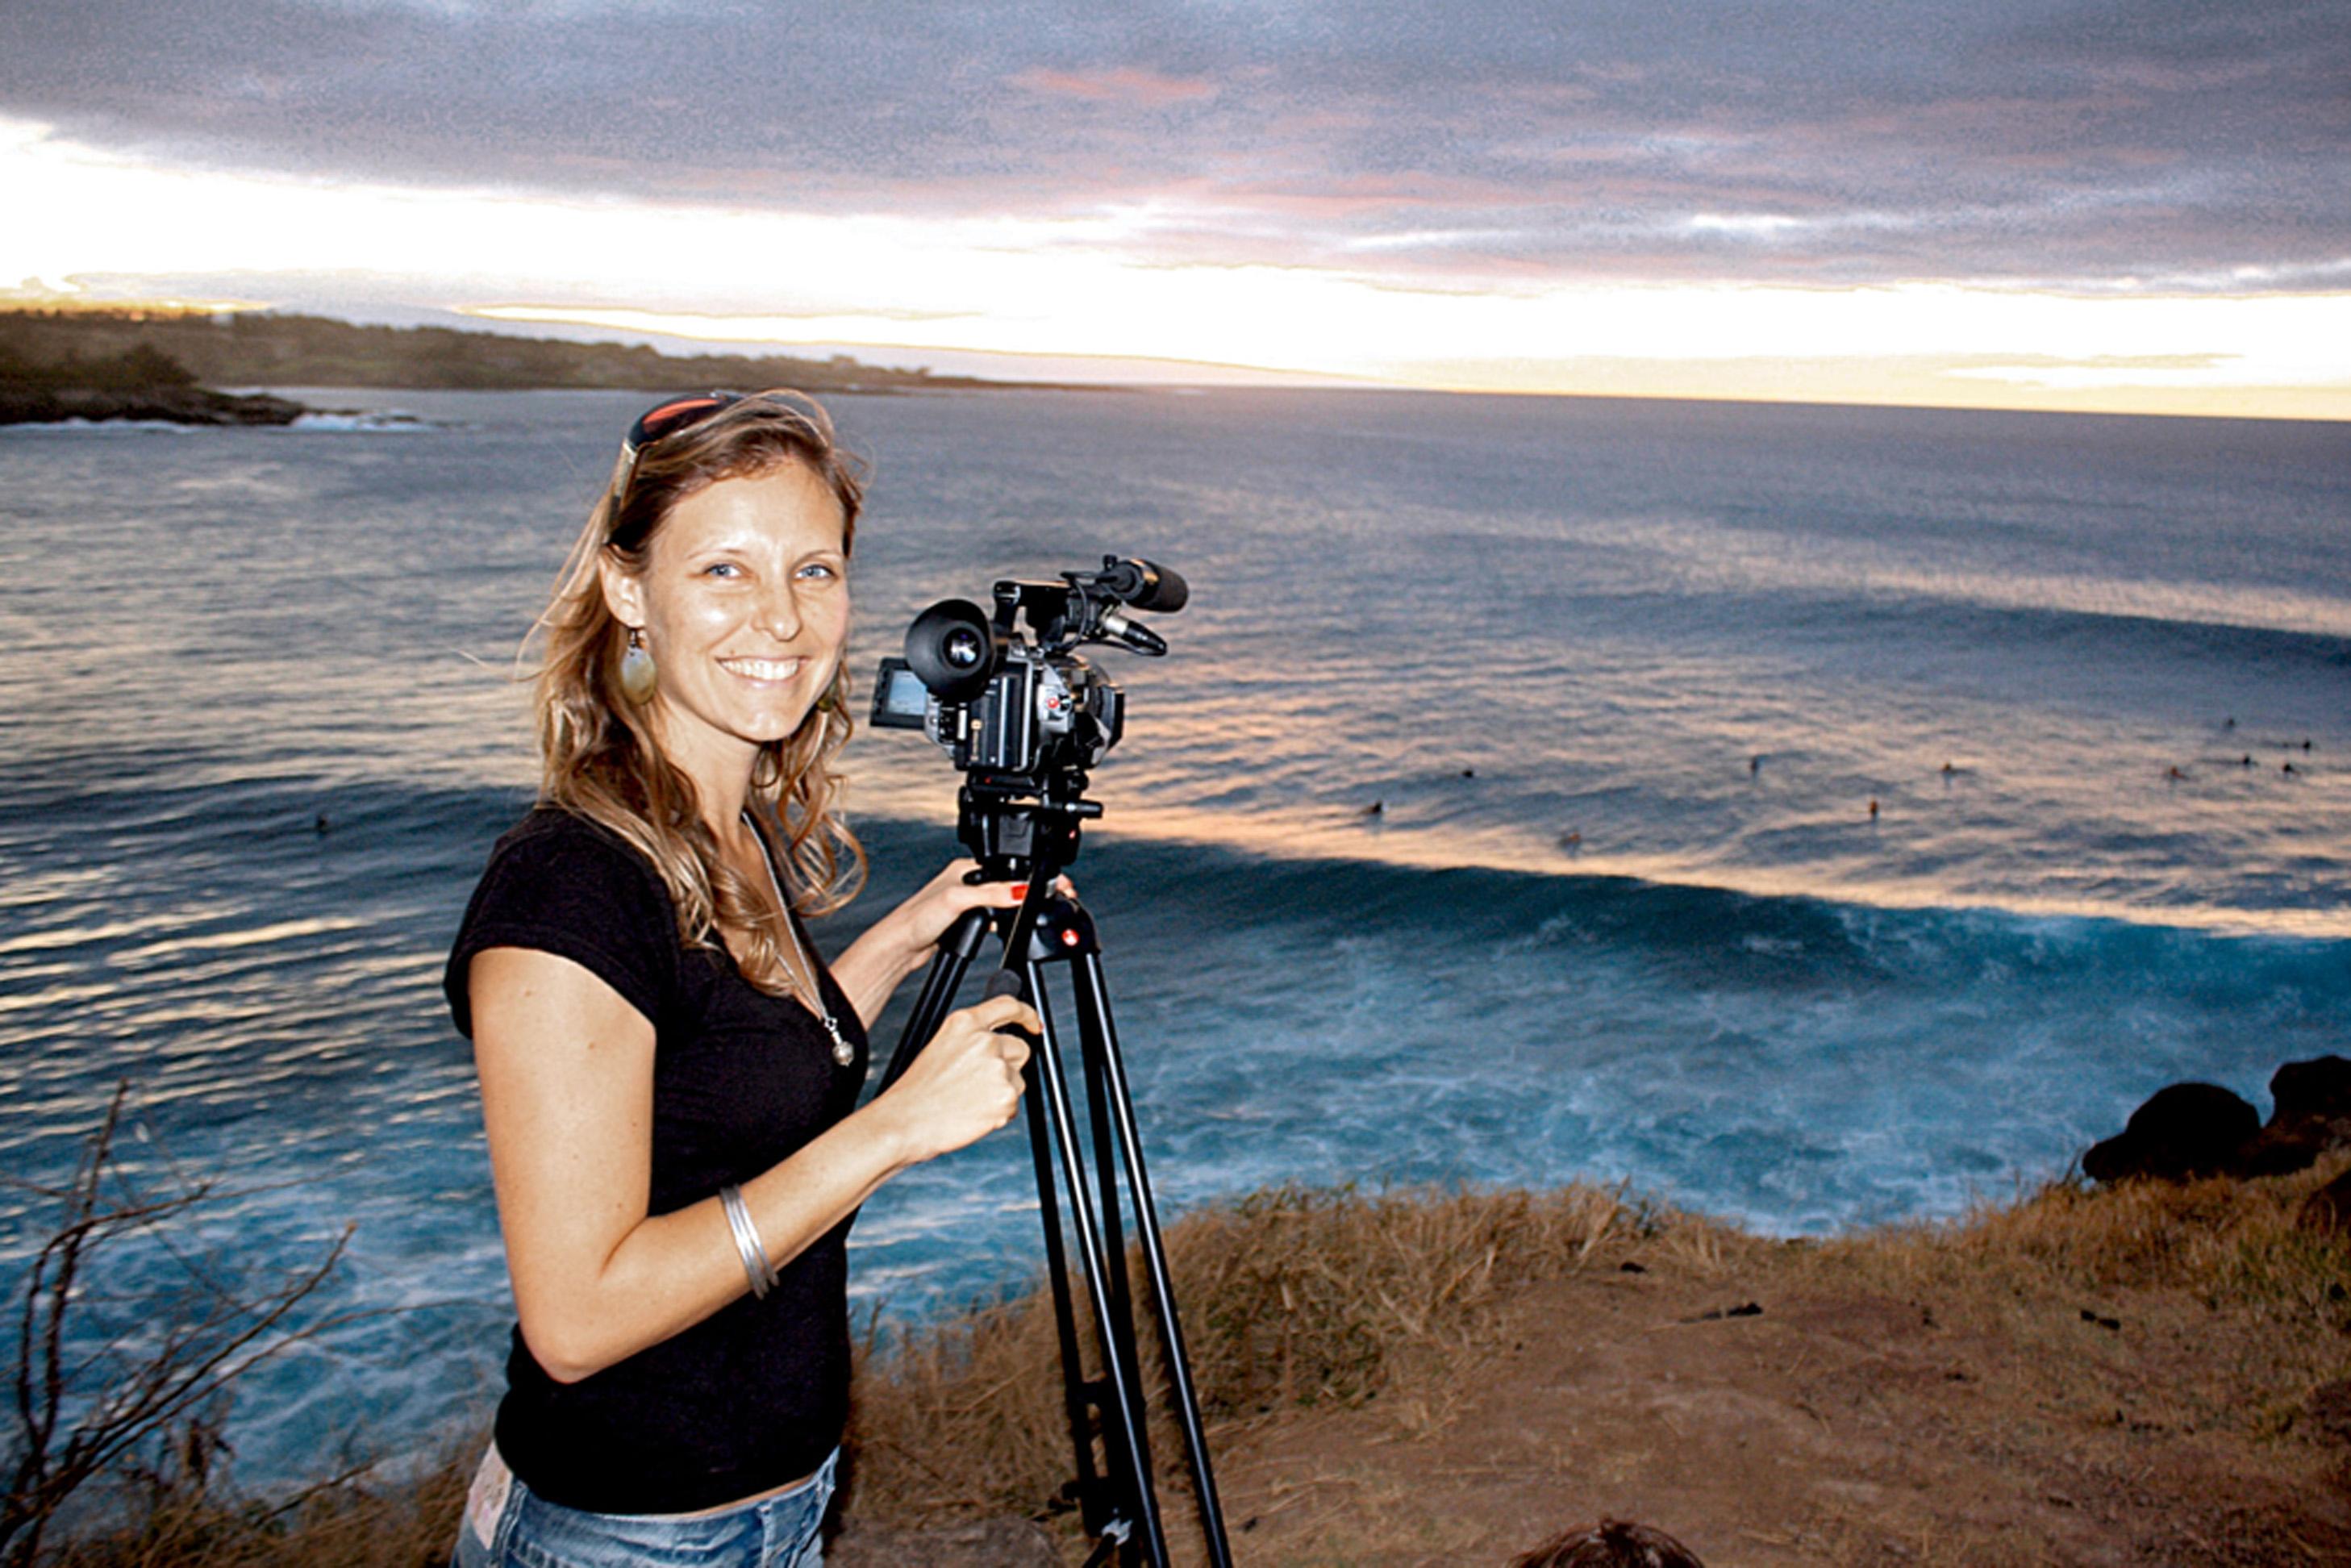 Fabiana em Maui, no Havaí